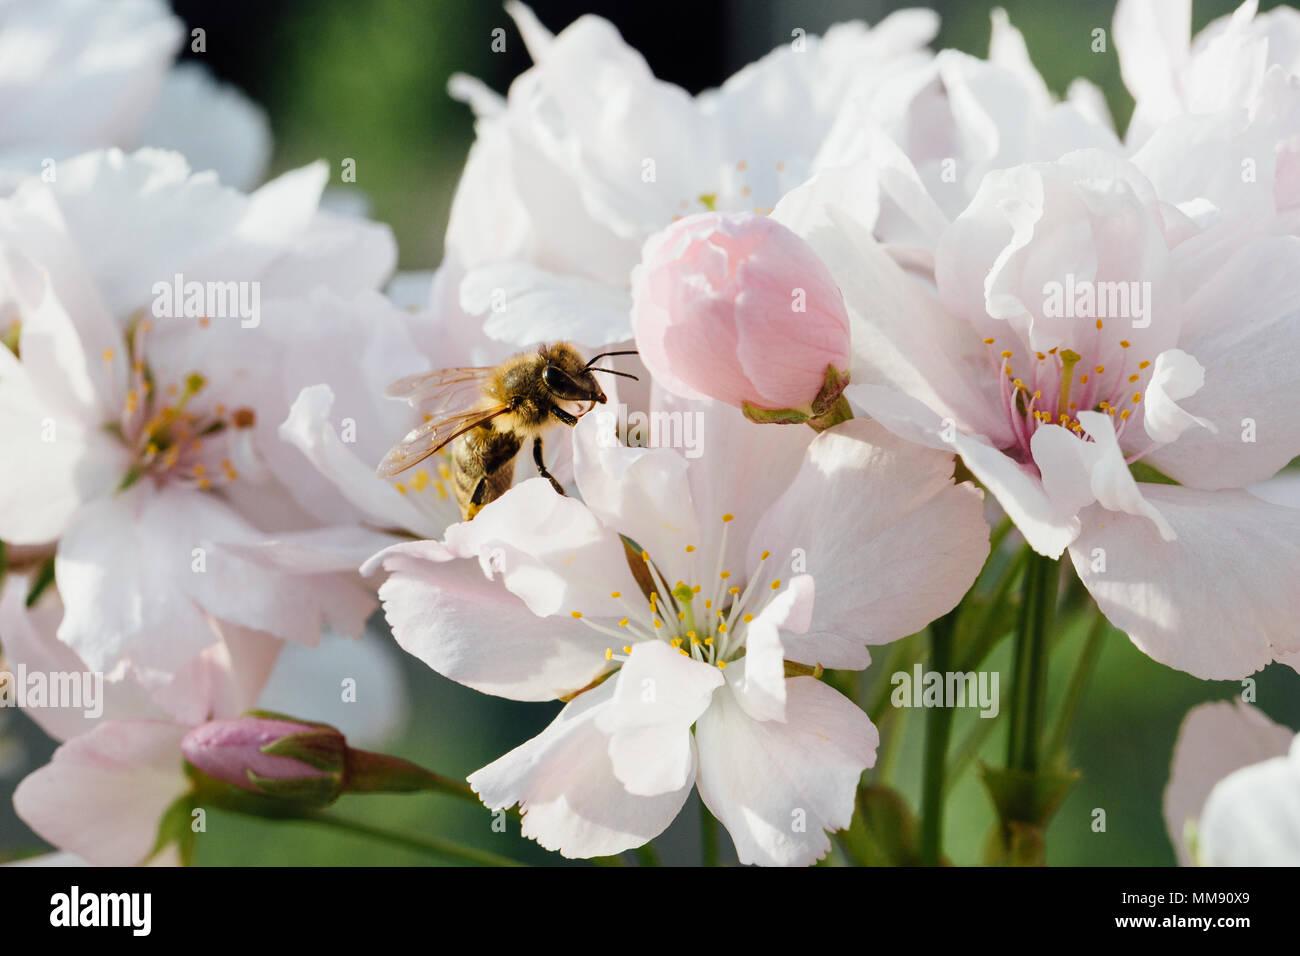 Cerca de una abeja polinizando flores de cerezo Foto de stock